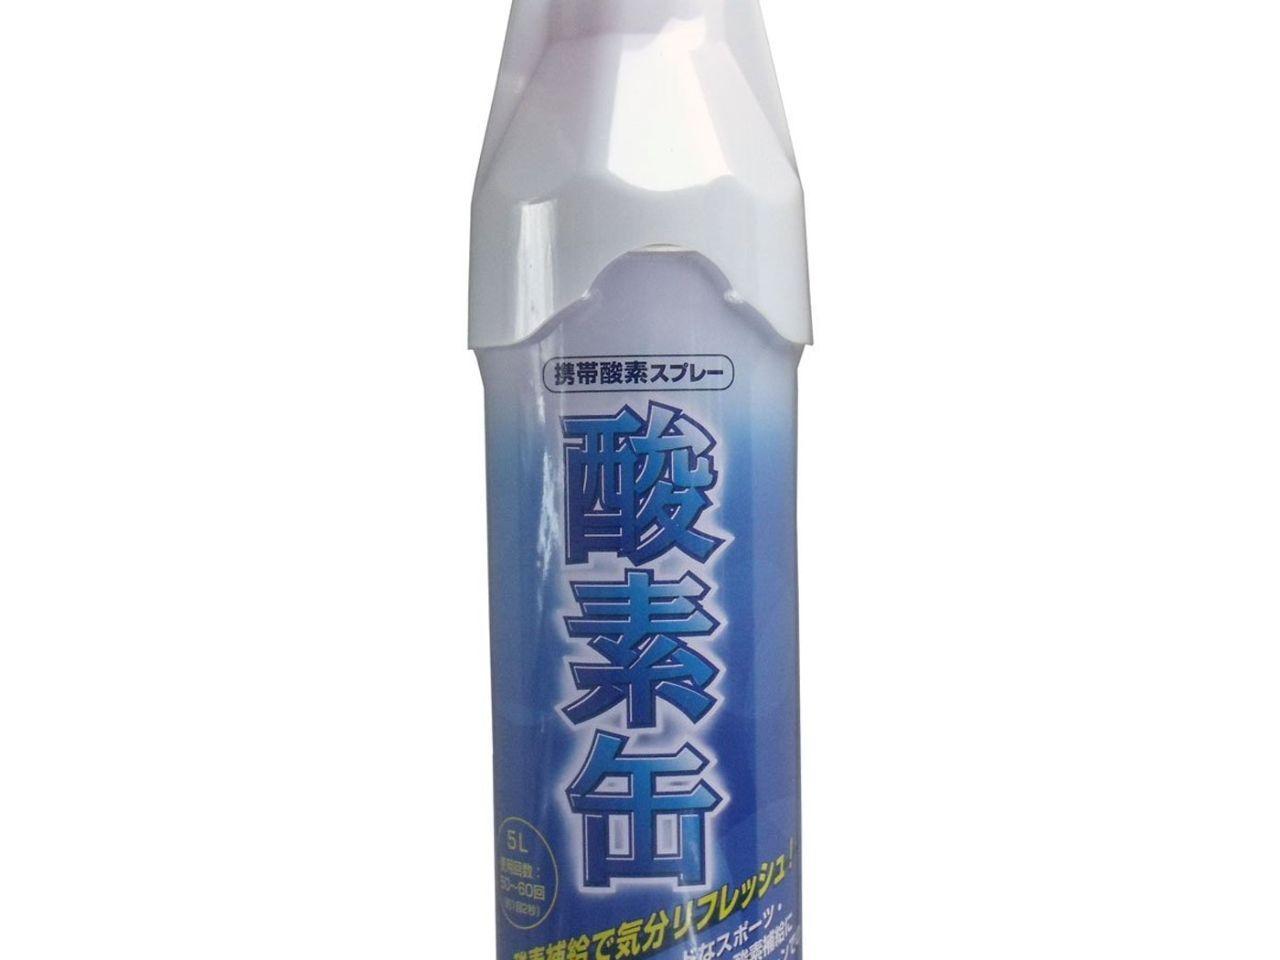 4579 - ラクオリア創薬(株) 差し入れしときます😊